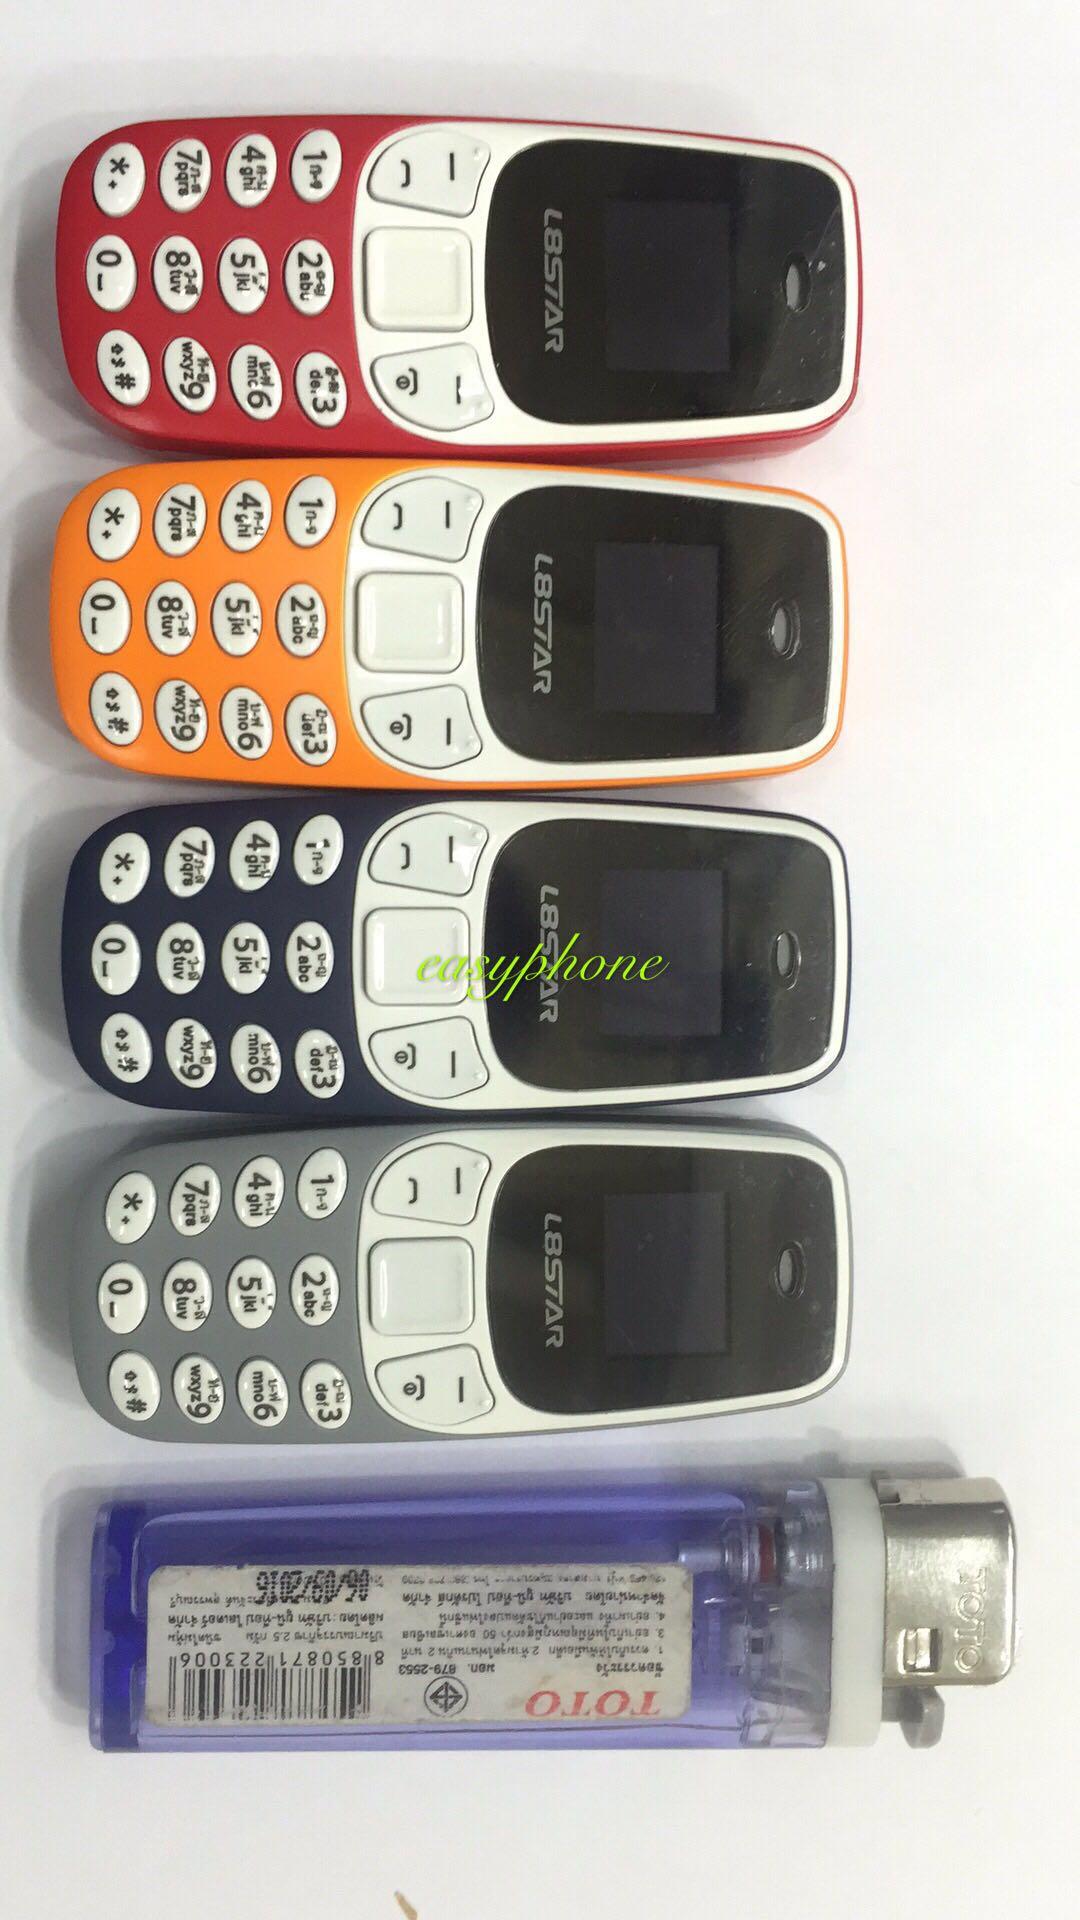 โทรศัพท์จิ๋ว รองรับ3G ใส่ได้2ซิม